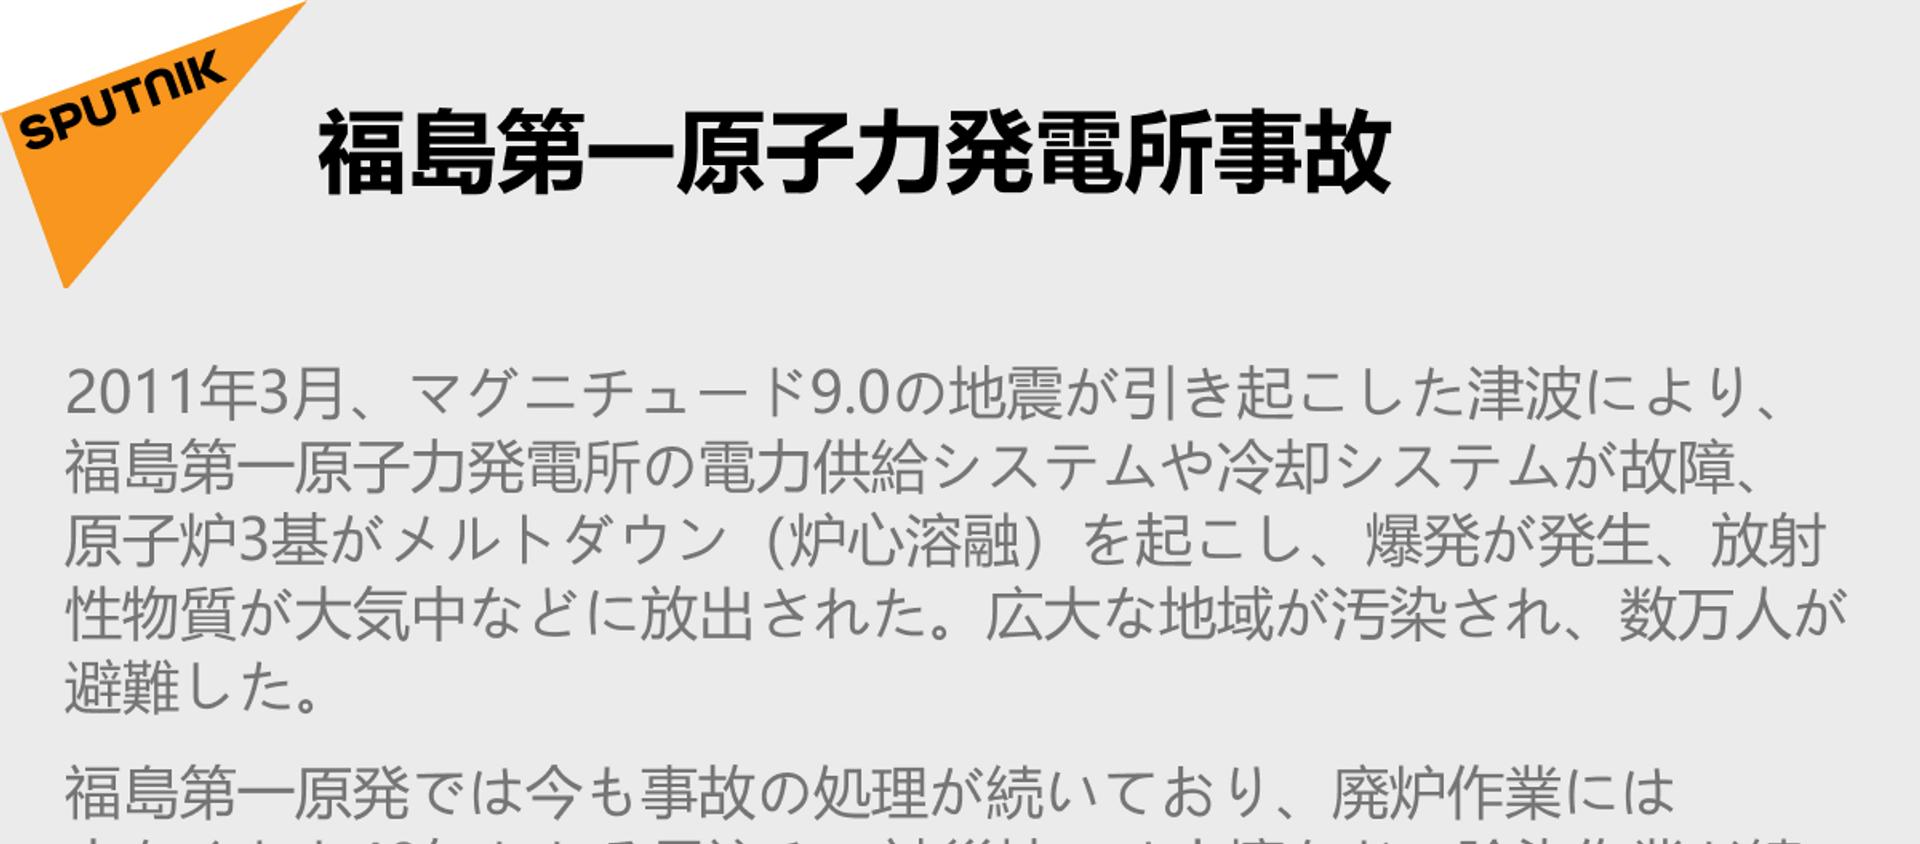 福島第一原子力発電所事故 - Sputnik 日本, 1920, 09.03.2021